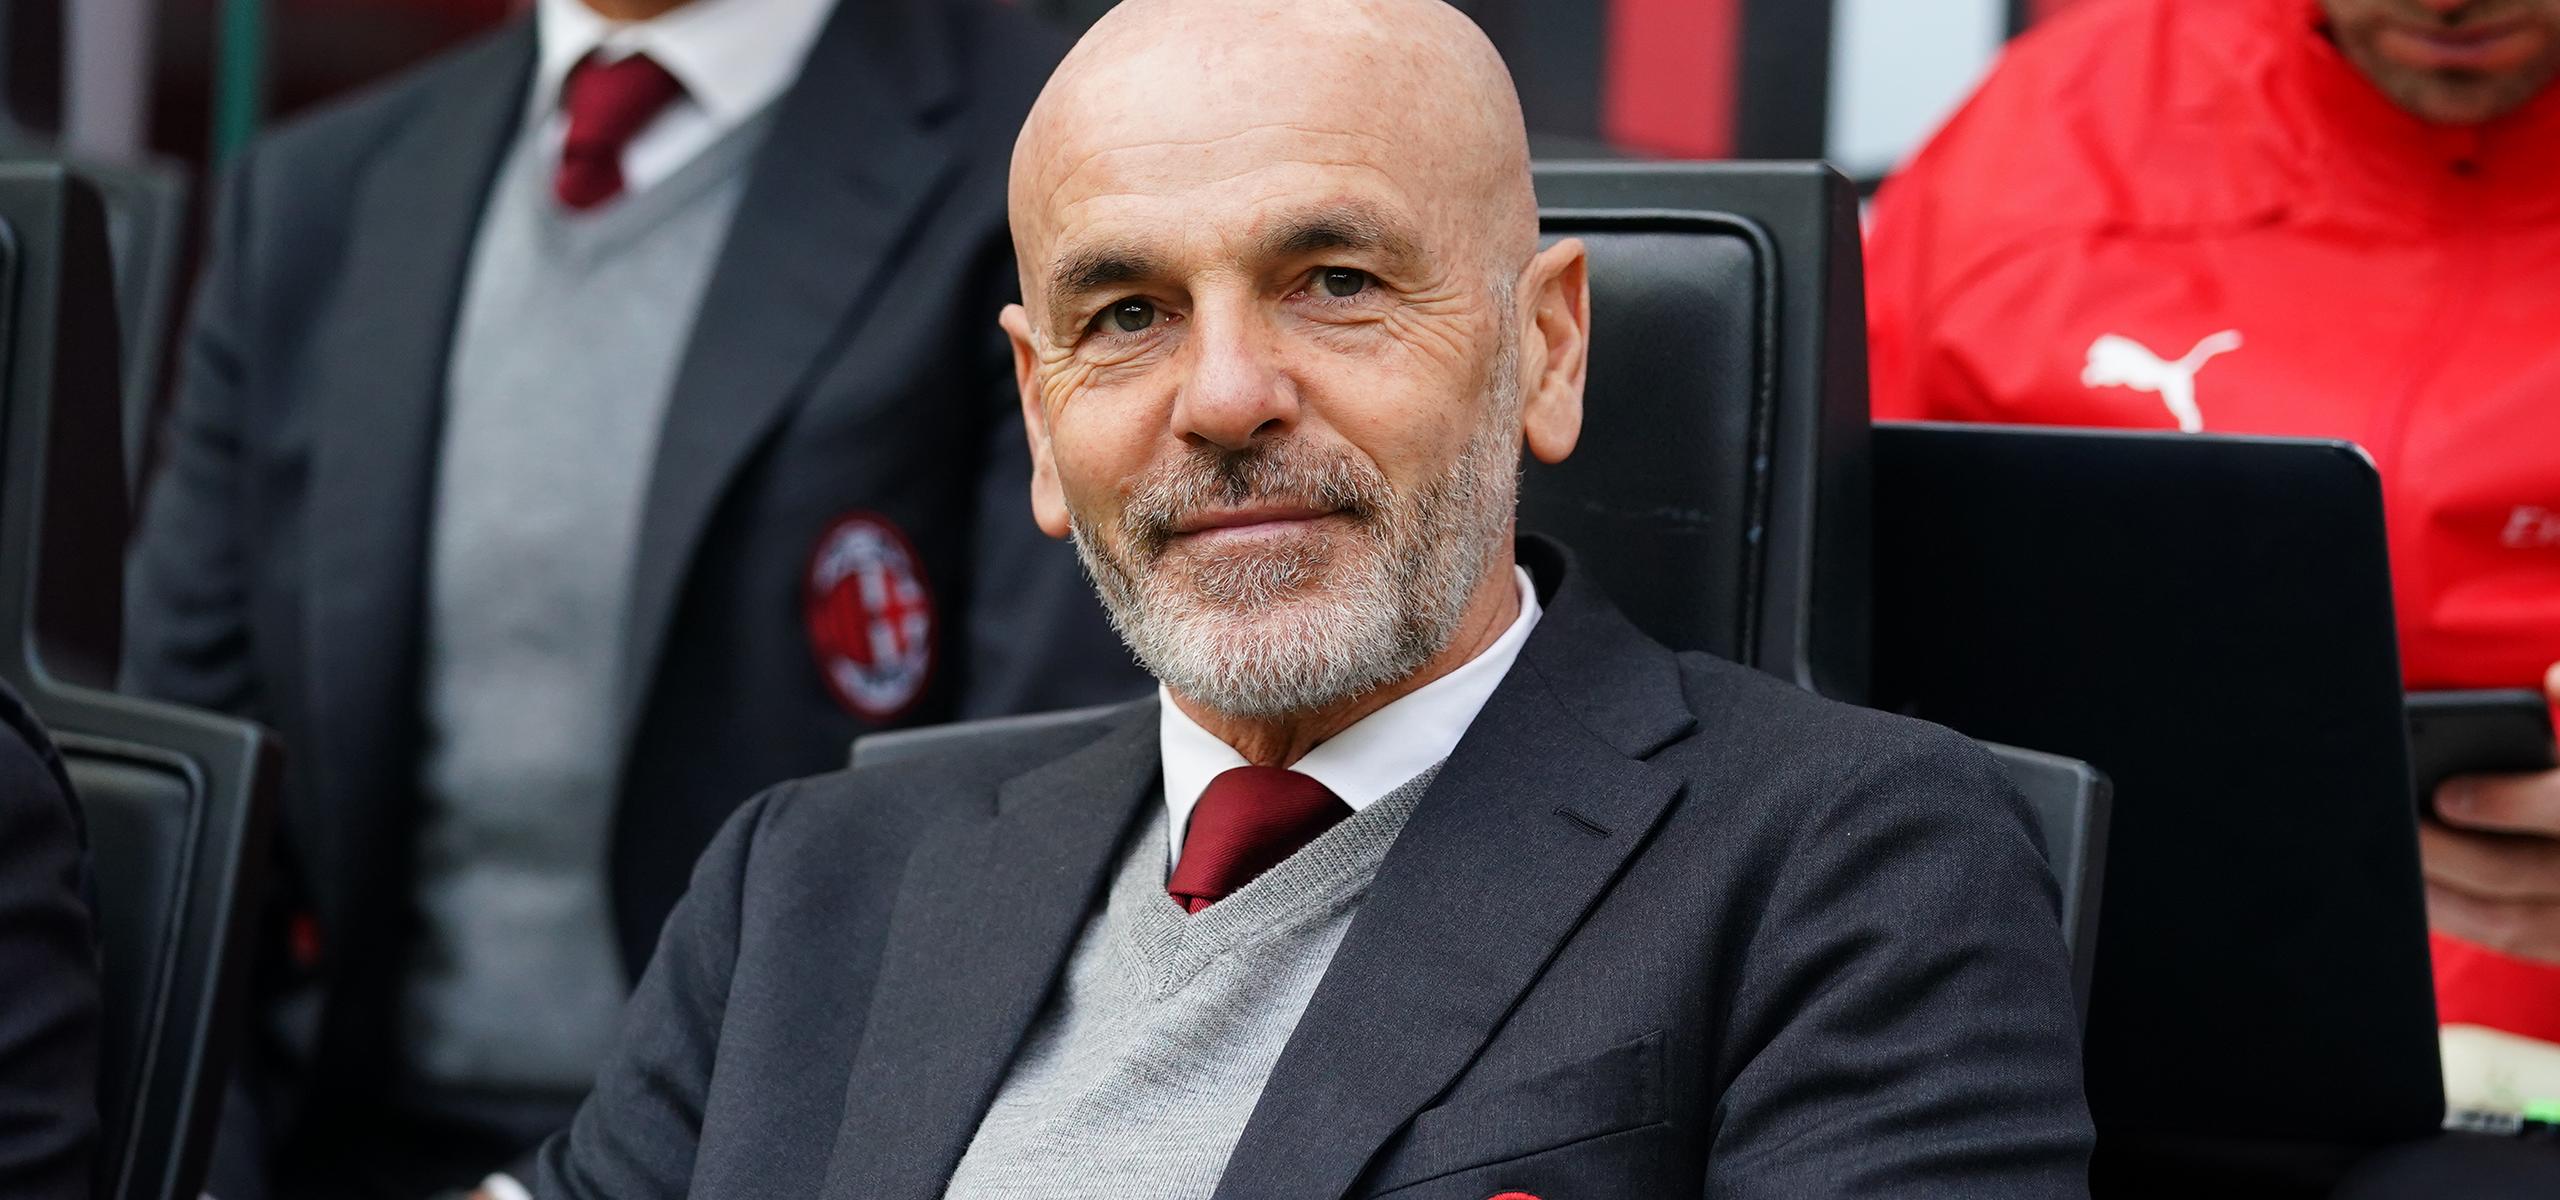 官方:AC米兰与主帅皮奥利续约至2022年